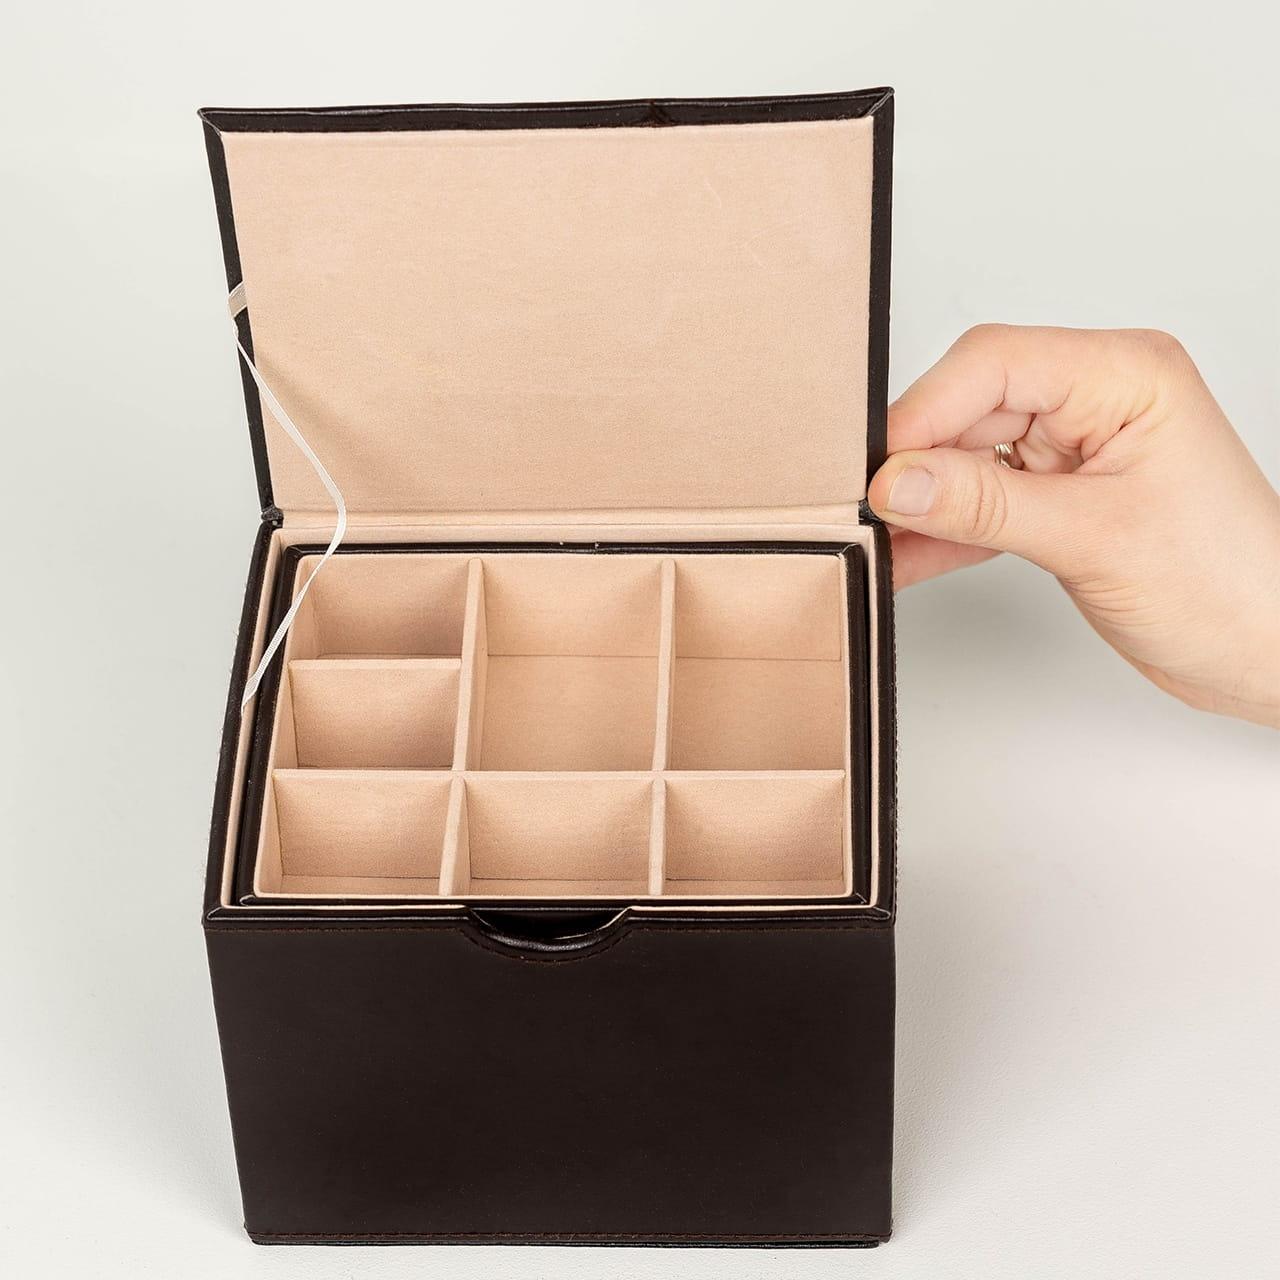 Zestaw kosmetyków to wyjatkowy prezent dla fizjoterapeuty